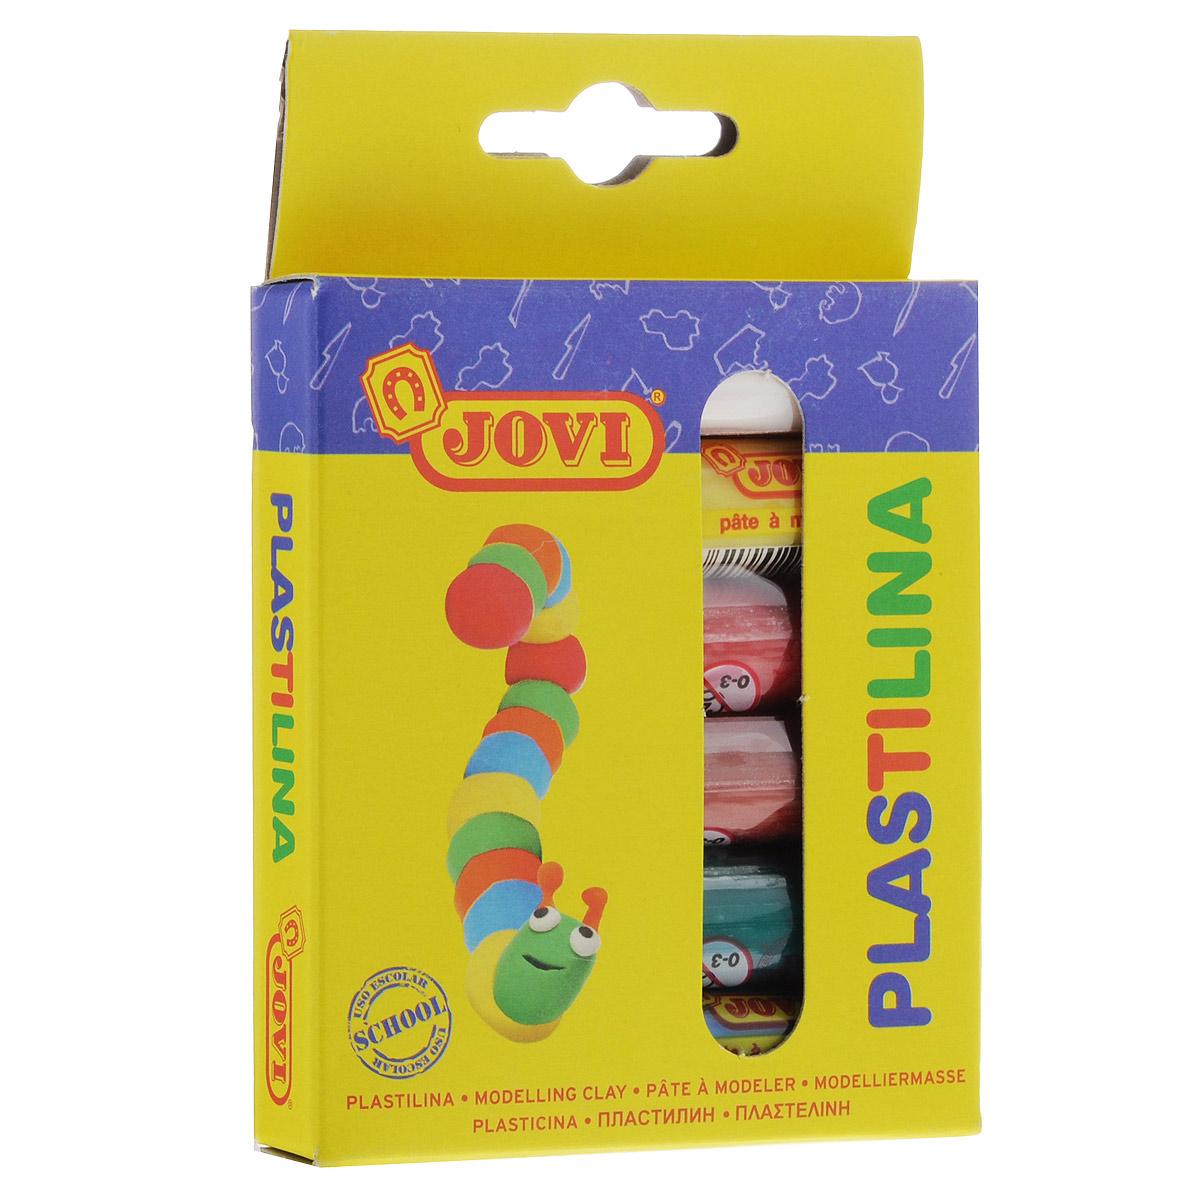 Пластилин Jovi, 6 цветов. 90/685639Пластилин Jovi - это отличная возможность познакомить ребенка с еще одним из видов изобразительного творчества, в котором создаются объемные образы и целые композиции. В набор входит пластилин 6 ярких цветов (белый, желтый, светло-коричневый, красный, голубой, зеленый). Цвета пластилина легко смешиваются между собой, и таким образом можно получить новые оттенки. Пластилин на растительной основе, очень мягкий, имеет яркие, красочные цвета и не липнет к рукам.Техника лепки богата и разнообразна, но при этом доступна даже маленьким детям. Занятие лепкой не только увлекательно, но и полезно для ребенка. Оно способствует развитию творческого и пространственного мышления, восприятия формы, фактуры, цвета и веса, развивает воображение и мелкую моторику.